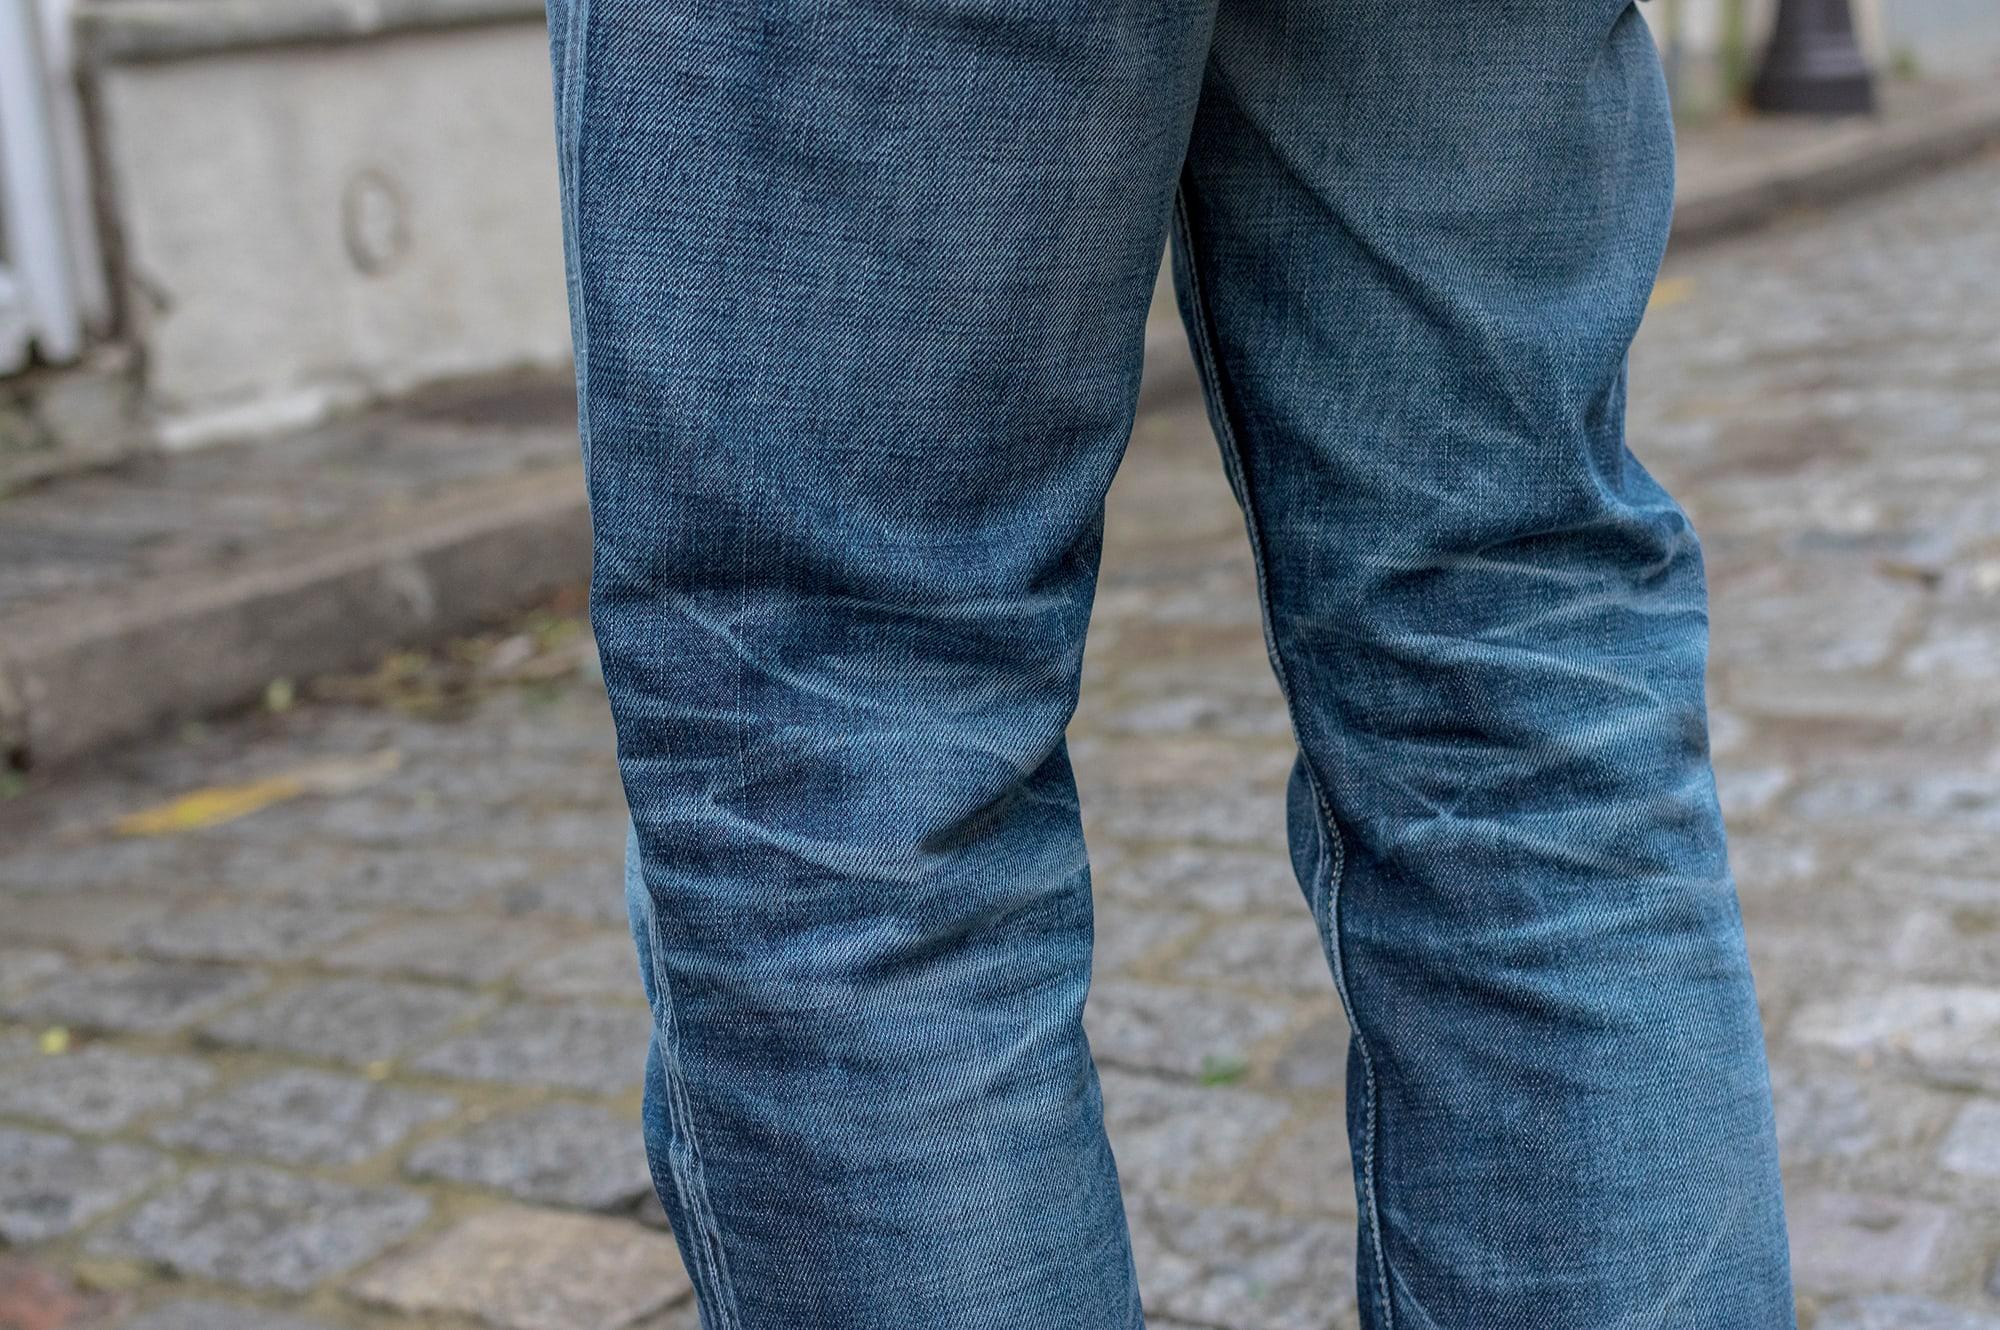 exemple de jean brut bien délavé avec patine - visvim fluxus denim 03 NW python patch